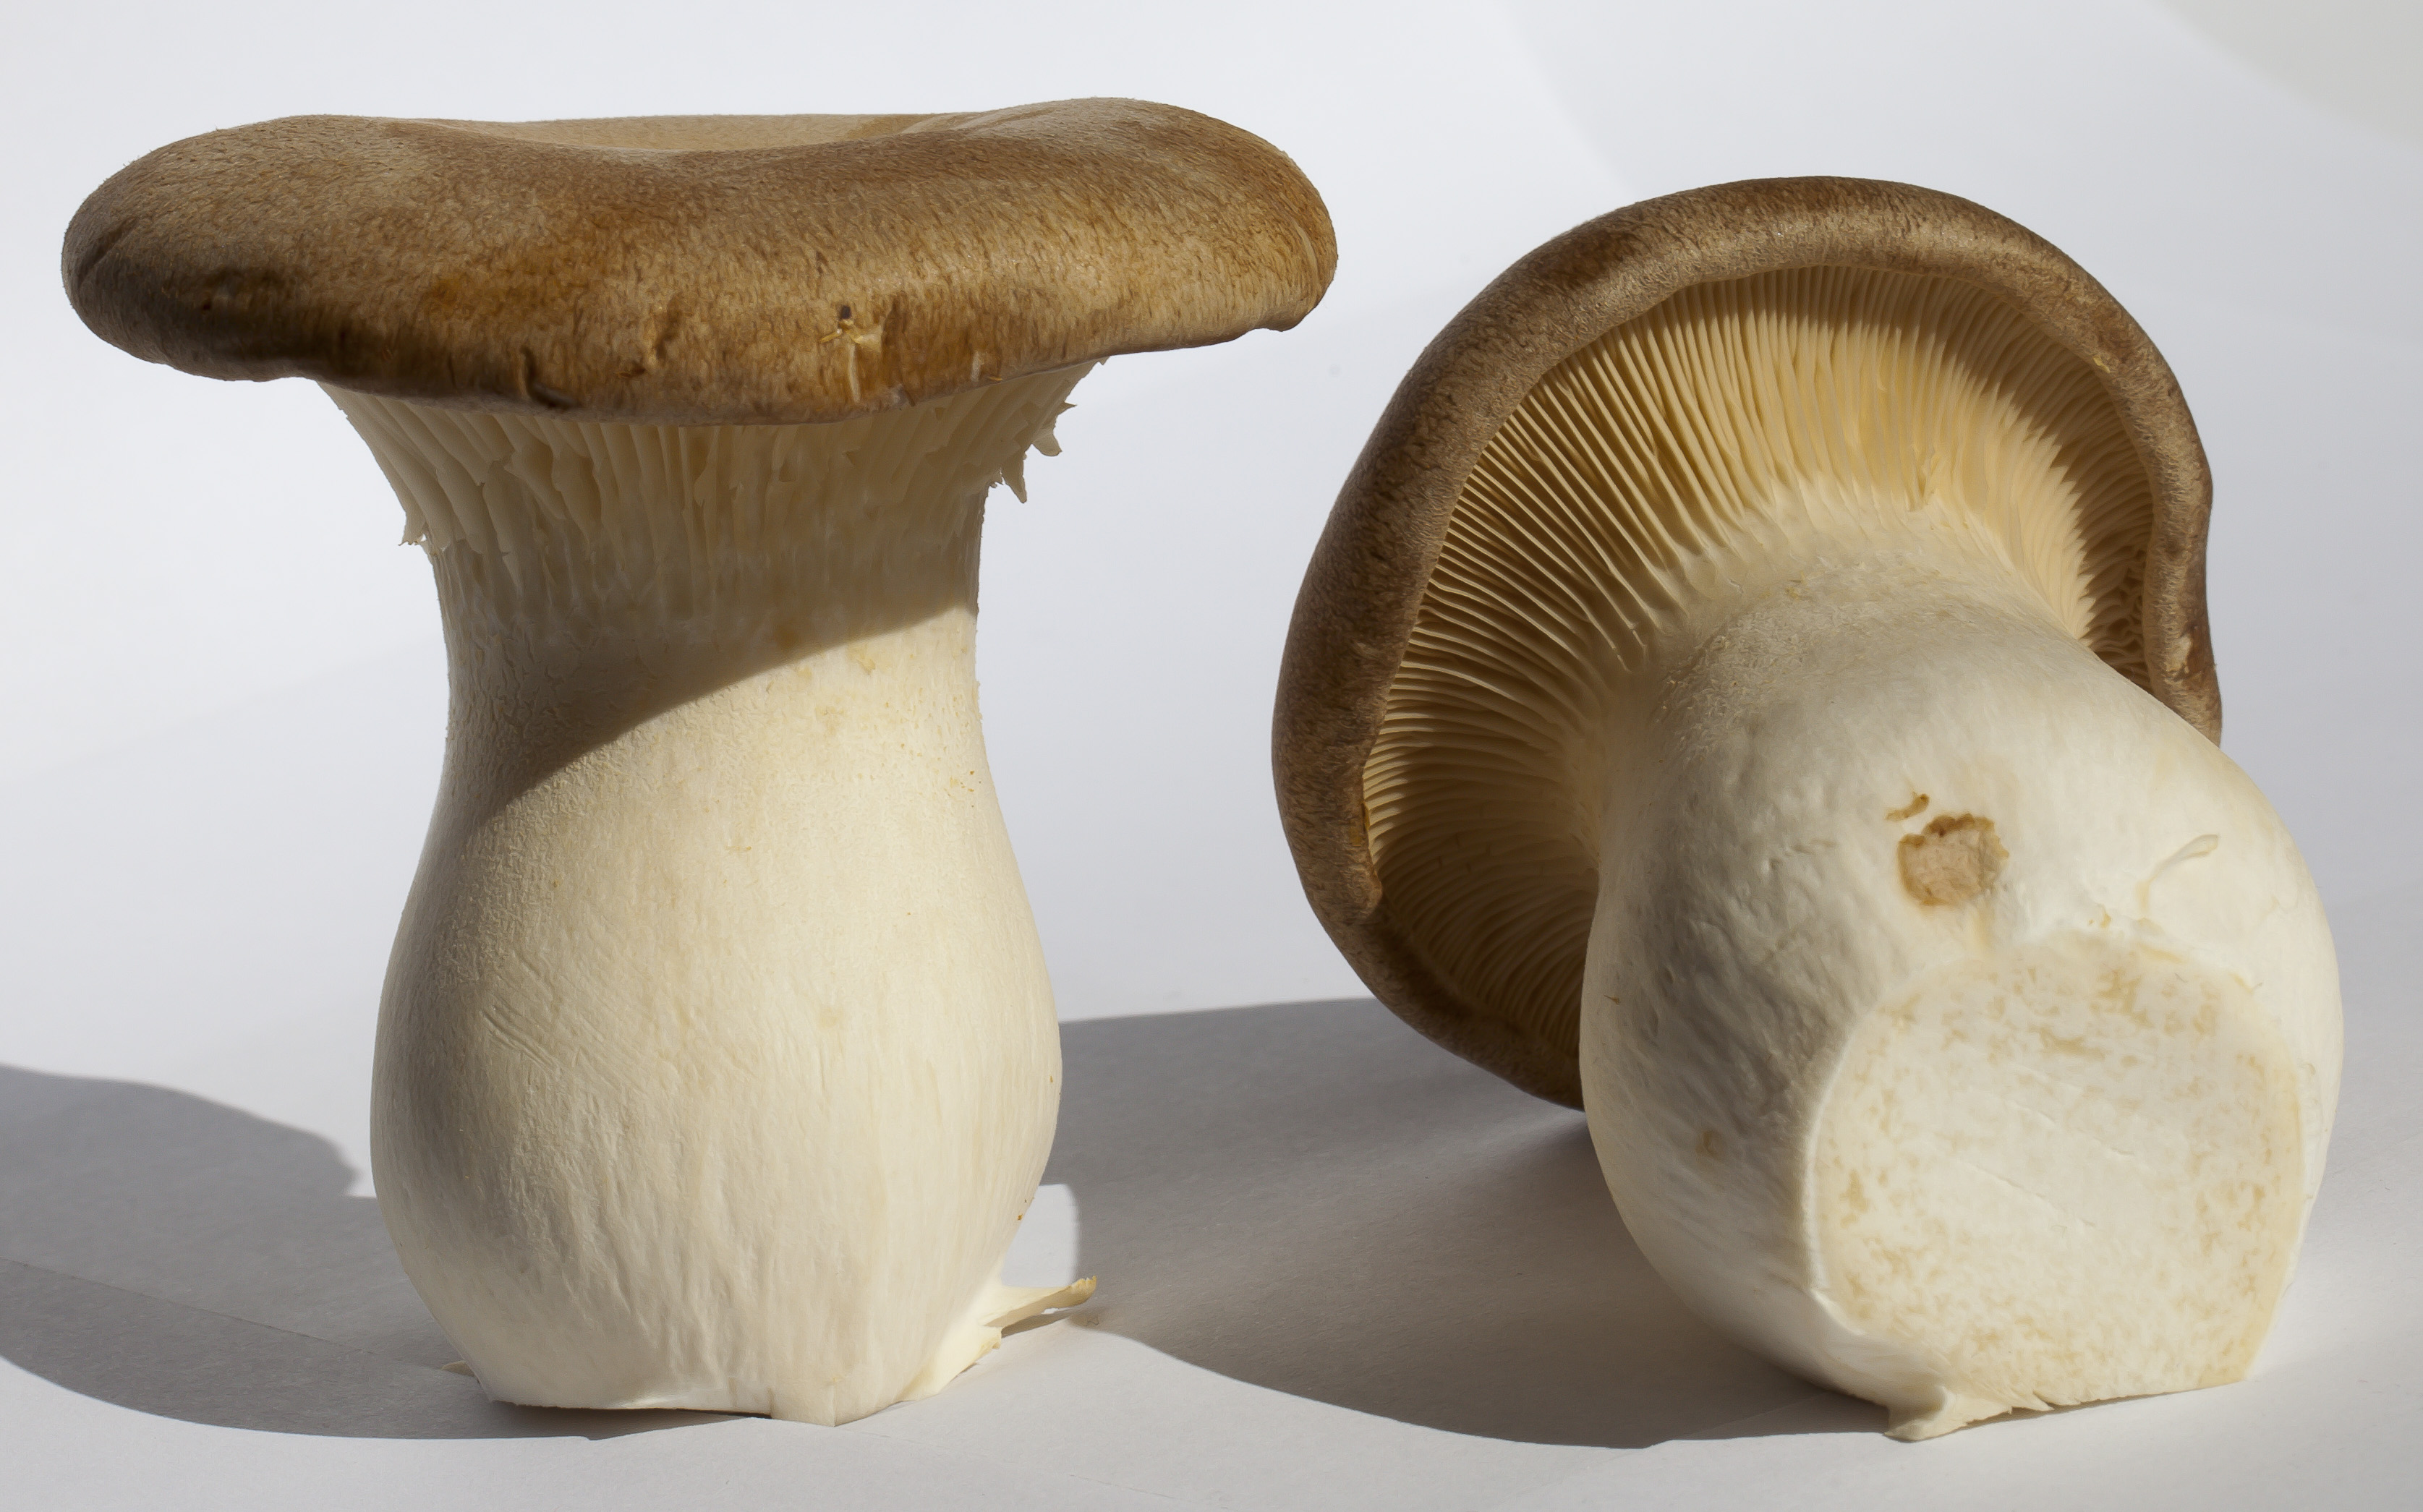 Pleurotus eryngii king oyster mushroom